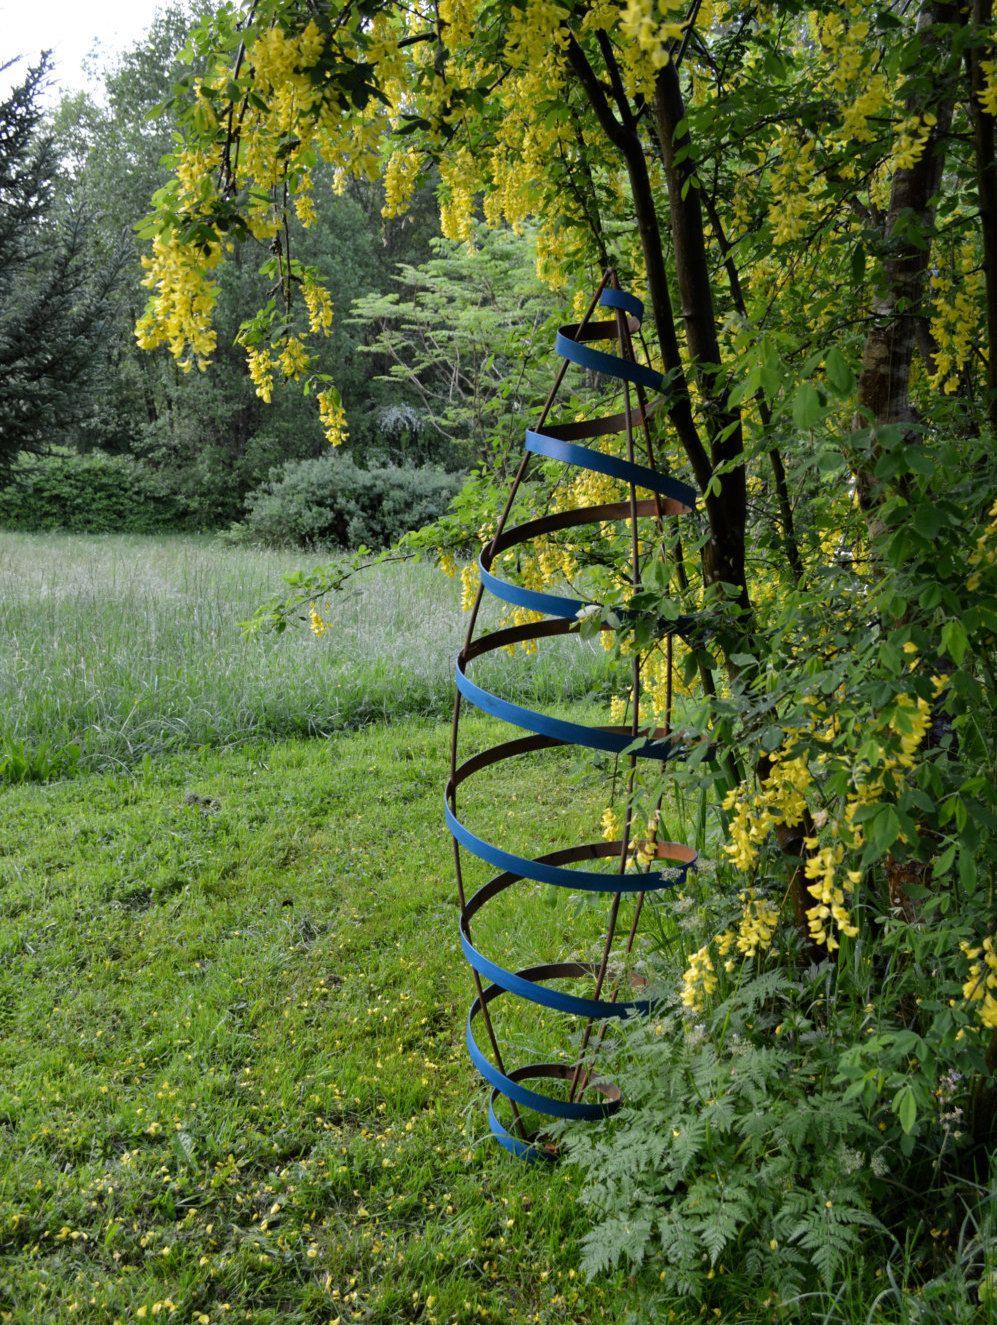 Rocket Sculpture, Tall Garden Trellis, Large Rocket Shaped Sculpture